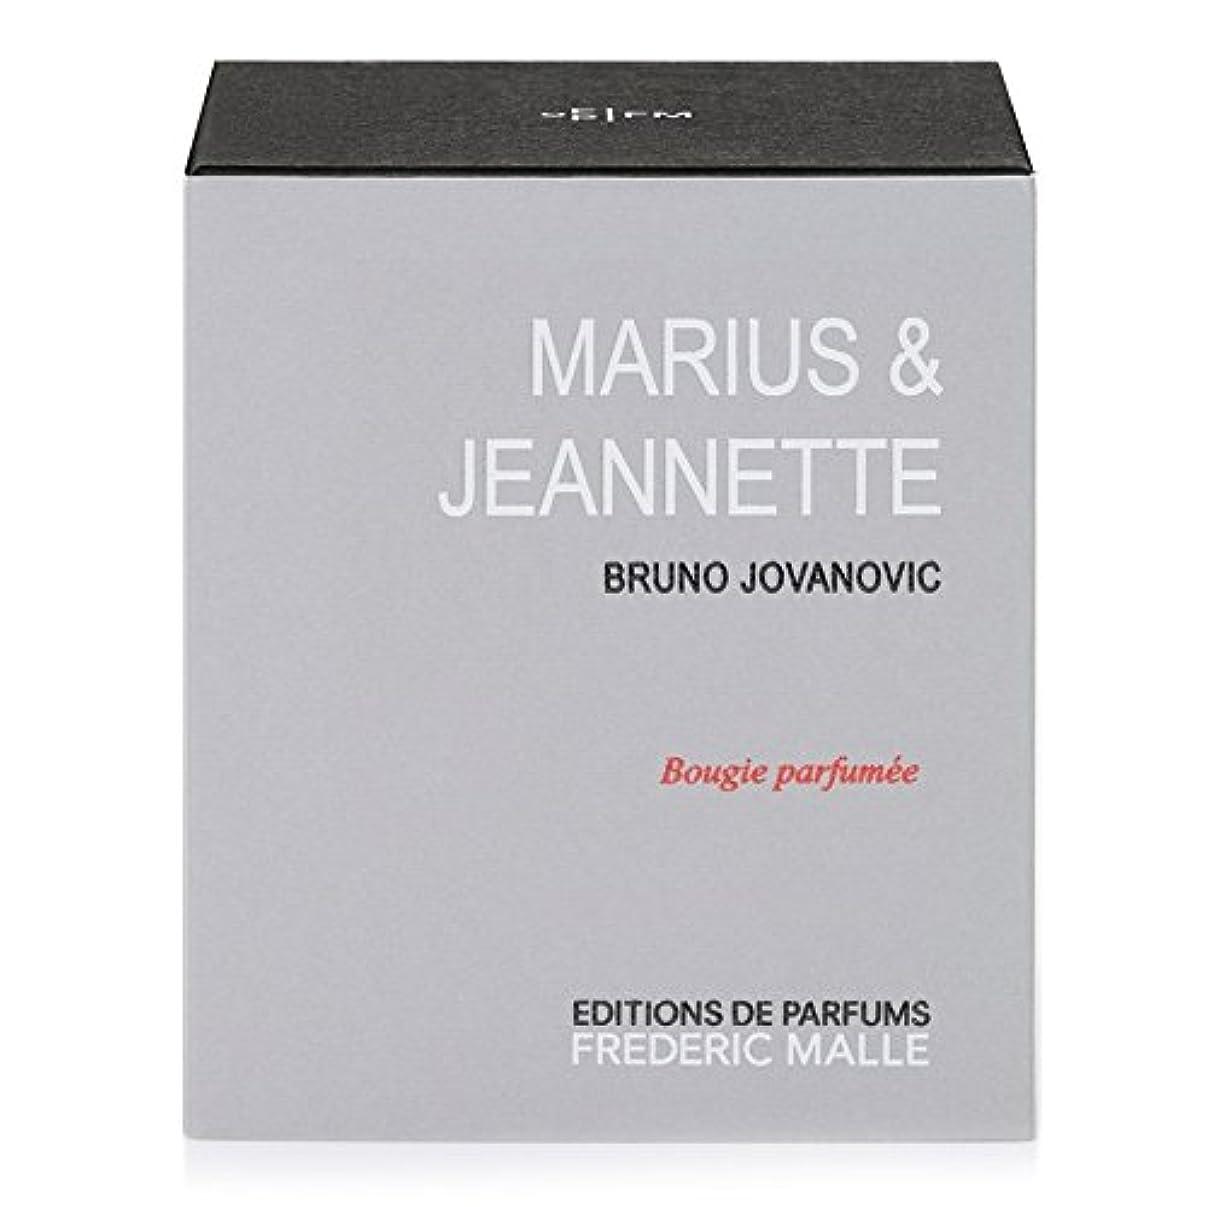 時計回りくしゃくしゃキャプションFrederic Malle Maruis and Jeanette Scented Candle (Pack of 4) - フレデリック?マル とジャネット?香りのキャンドル x4 [並行輸入品]